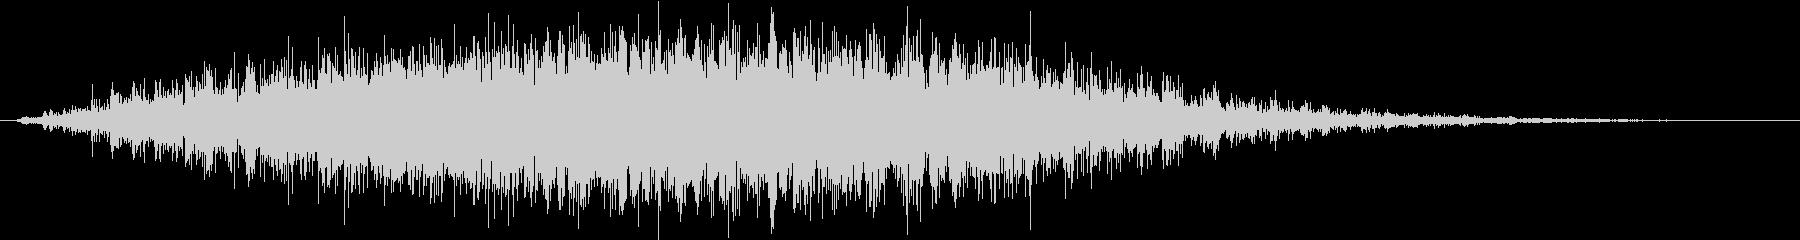 エレクトロニクスEC07_28_3の未再生の波形